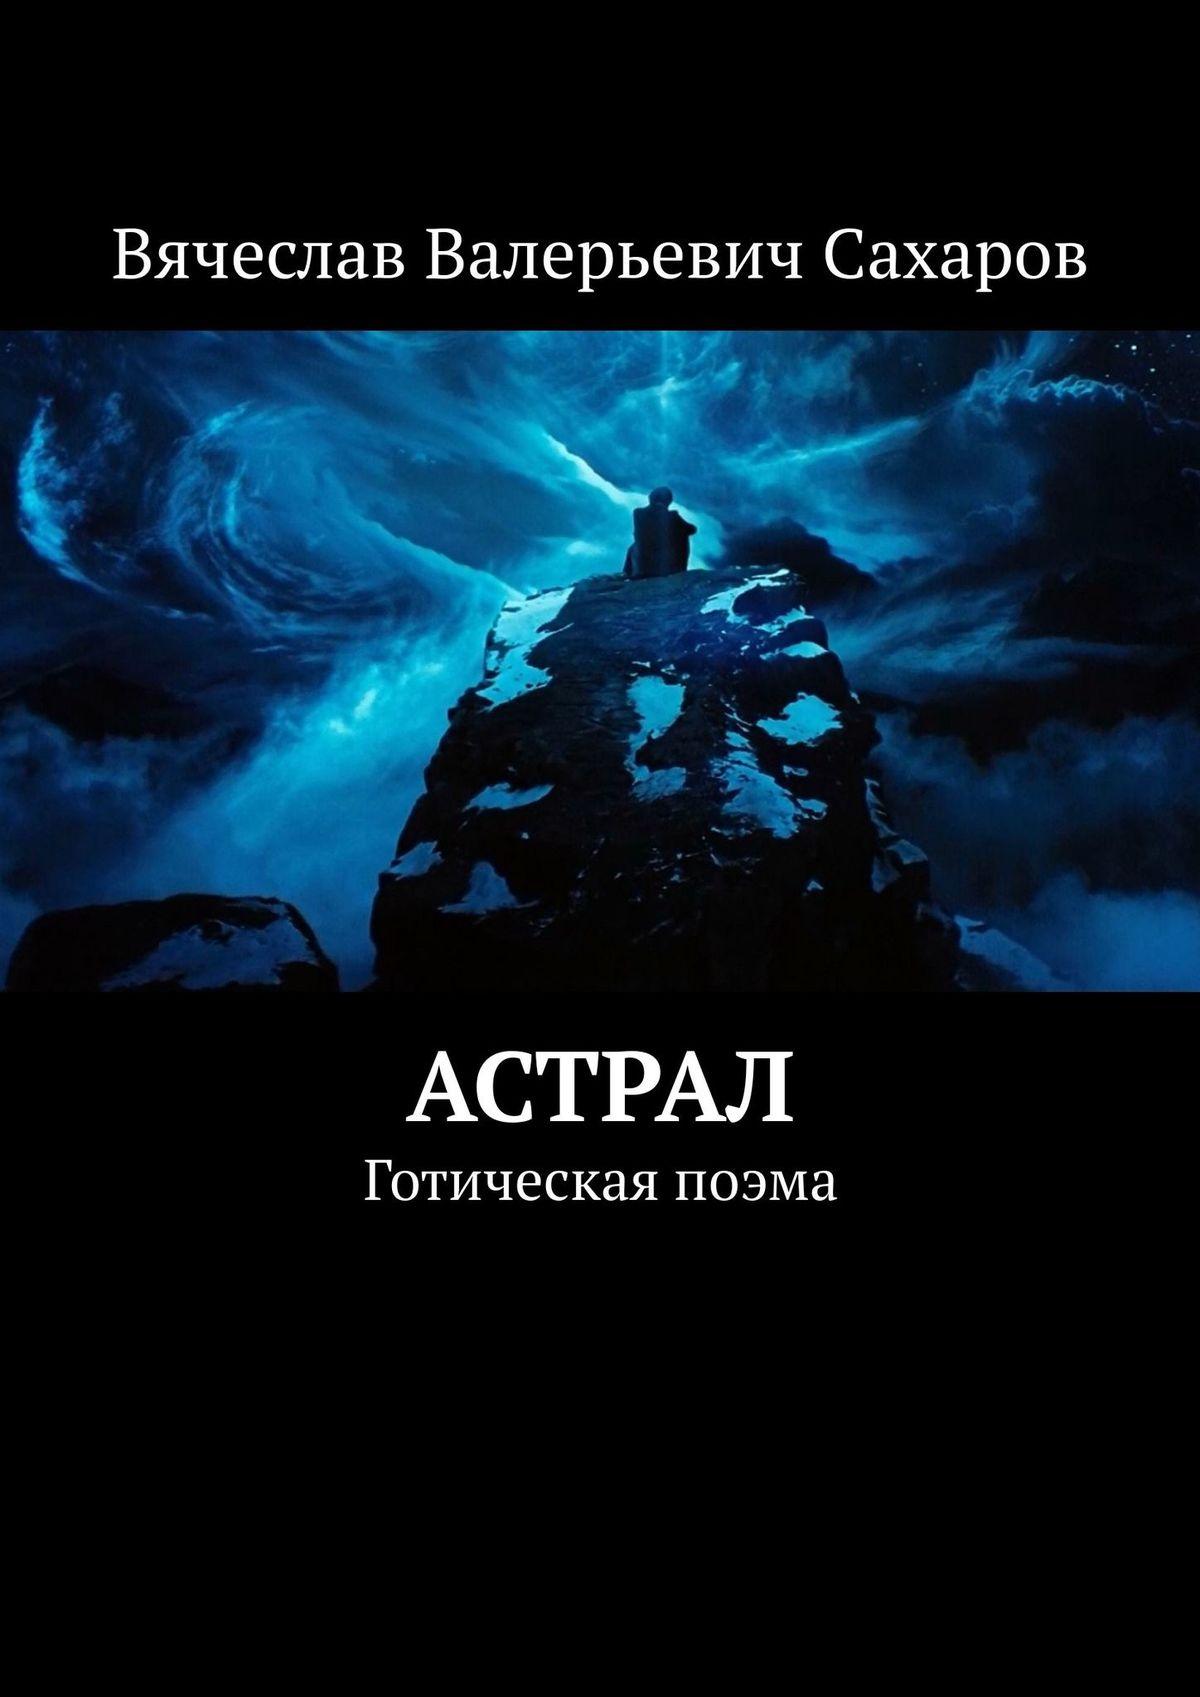 Вячеслав Валерьевич Сахаров Астрал. Готическая поэма цены